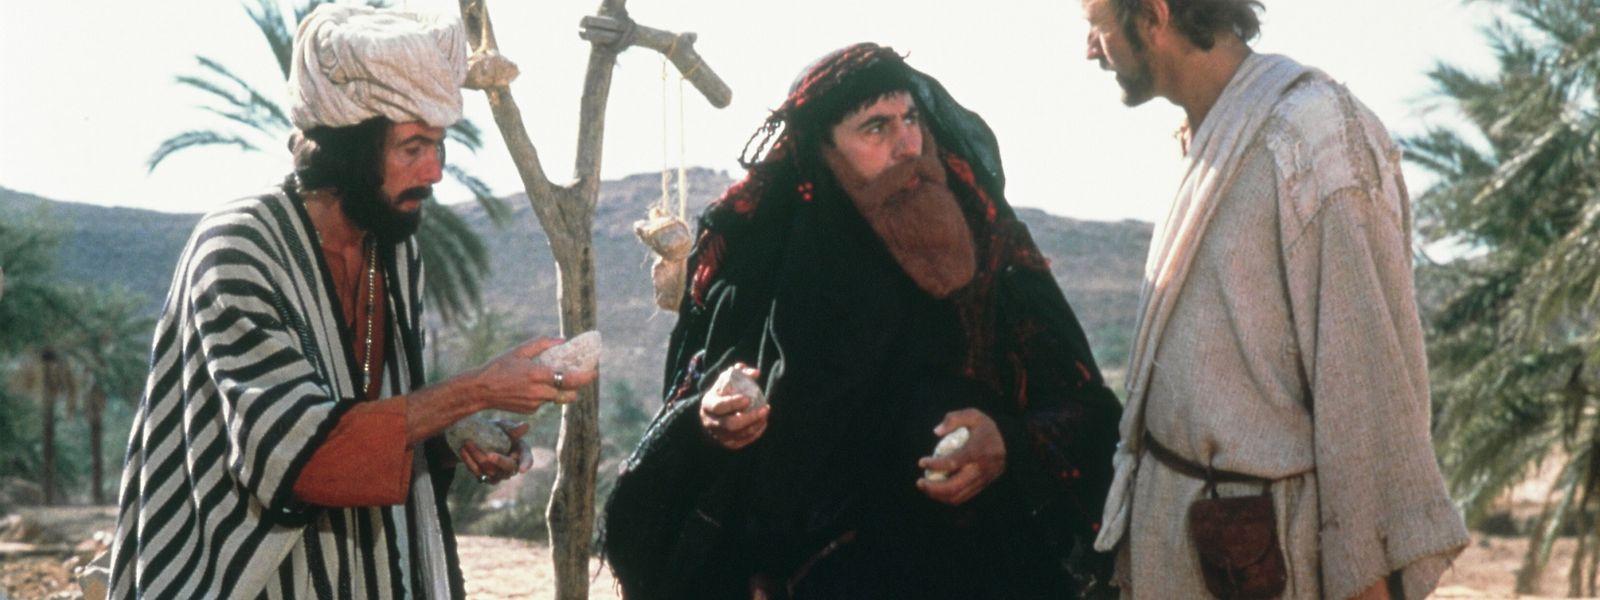 Vor der für Frauen eigentlich verbotenen Steinigung deckt sich die mit falschen Bart ausgestattete Mutter Mandy (Terry Jones, M.) und ihr Sohn Brian (Graham Chapman, r.) beim Händler (Eric Idle, l.) mit dem perfekten Geschoss ein.